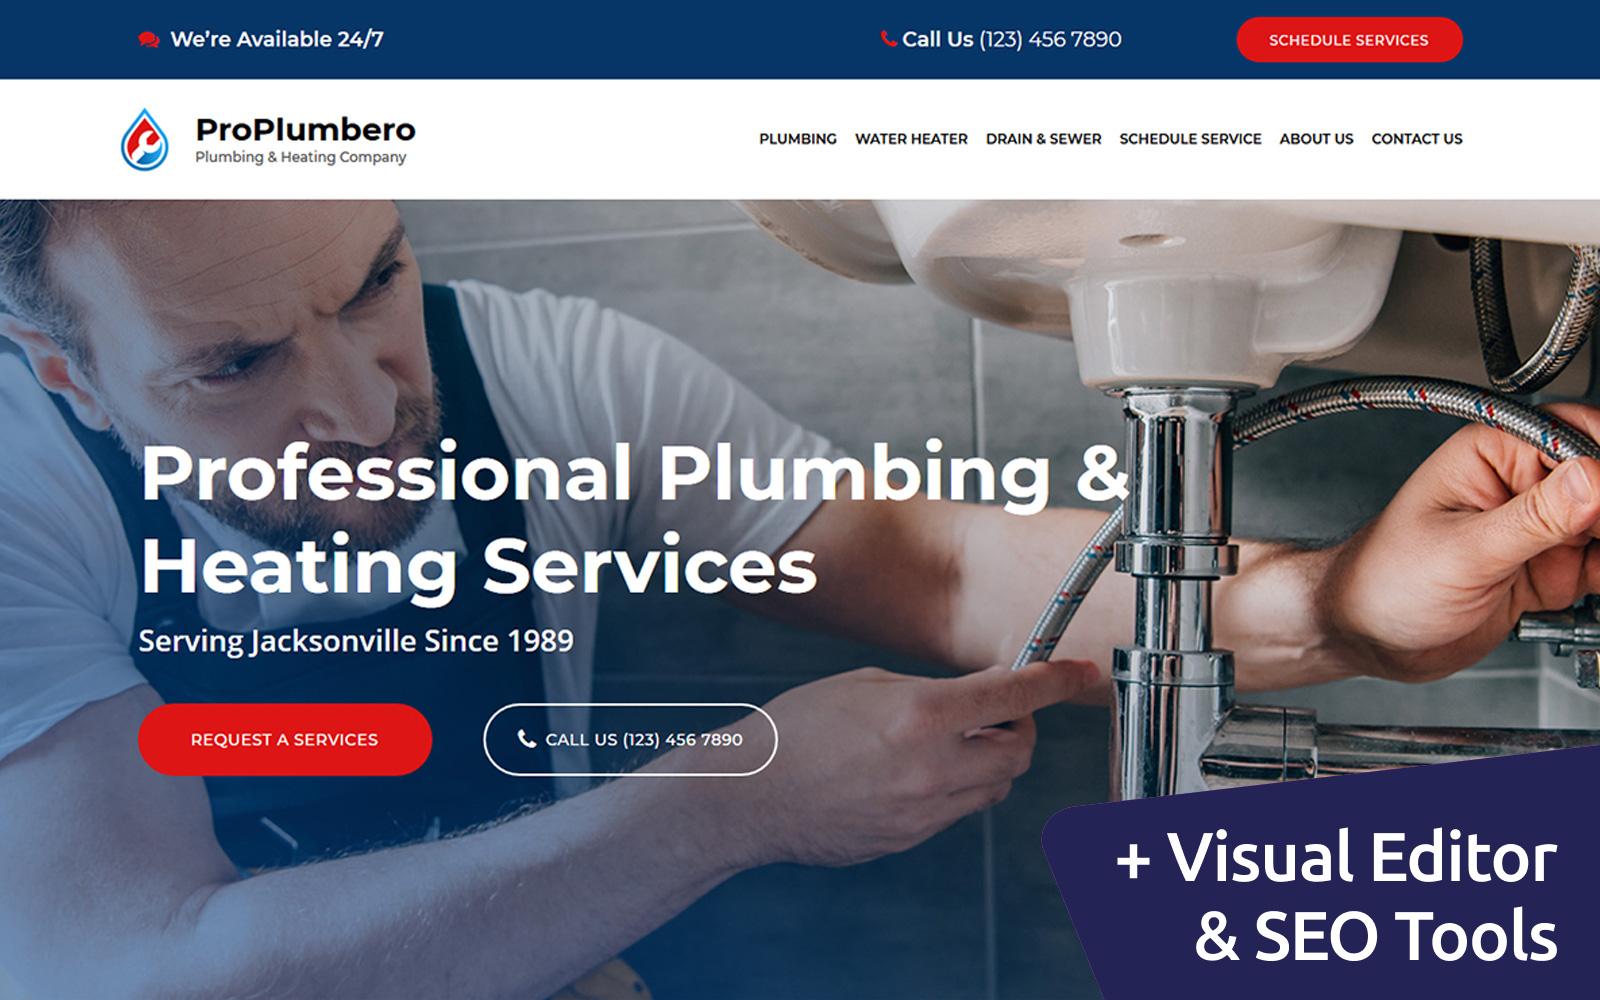 ProPlumbero - Plumbing & Heating Company №103914